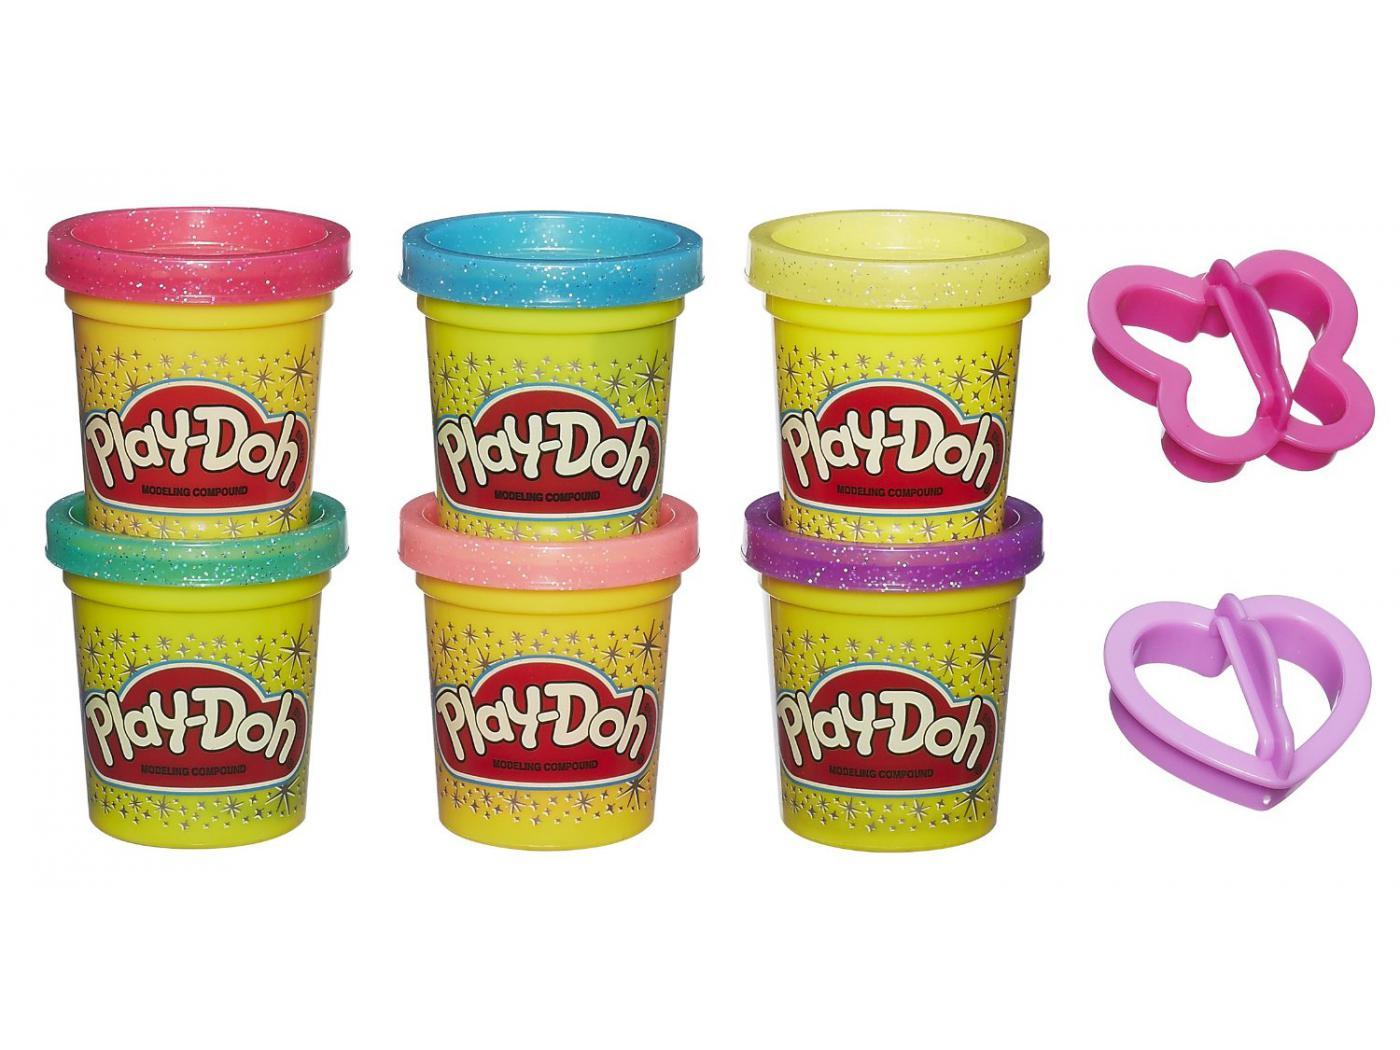 Play-Doh Набор пластилина из 6 баночек Блестящая коллекция 4Набор пластилина Блестящая коллекция Play-Doh от американской компании Hasbro обязательно порадует маленьких любительниц лепки яркими и сверкающими на солнце цветами! Он отлично подойдет в качестве дополнения к линейке наборов Плей-До Принцессы Дисней! В комплекте с шестью баночками разноцветного сверкающего пластилина вы найдете формочки, которые позволят детям вырезать из него фигурки бабочек и сердечек!Пластилин Play-Doh уникален тем, что с ним могут играть даже самые маленькие дети! А все благодаря пищевым компонентам, из которых сделан пластилин. Даже если ваш малыш случайно скушает кусочек пластилина, то это ему совершенно не повредит. Кроме того, он не липнет к рукам, не пачкает одежду и имеет приятный запах!<br>